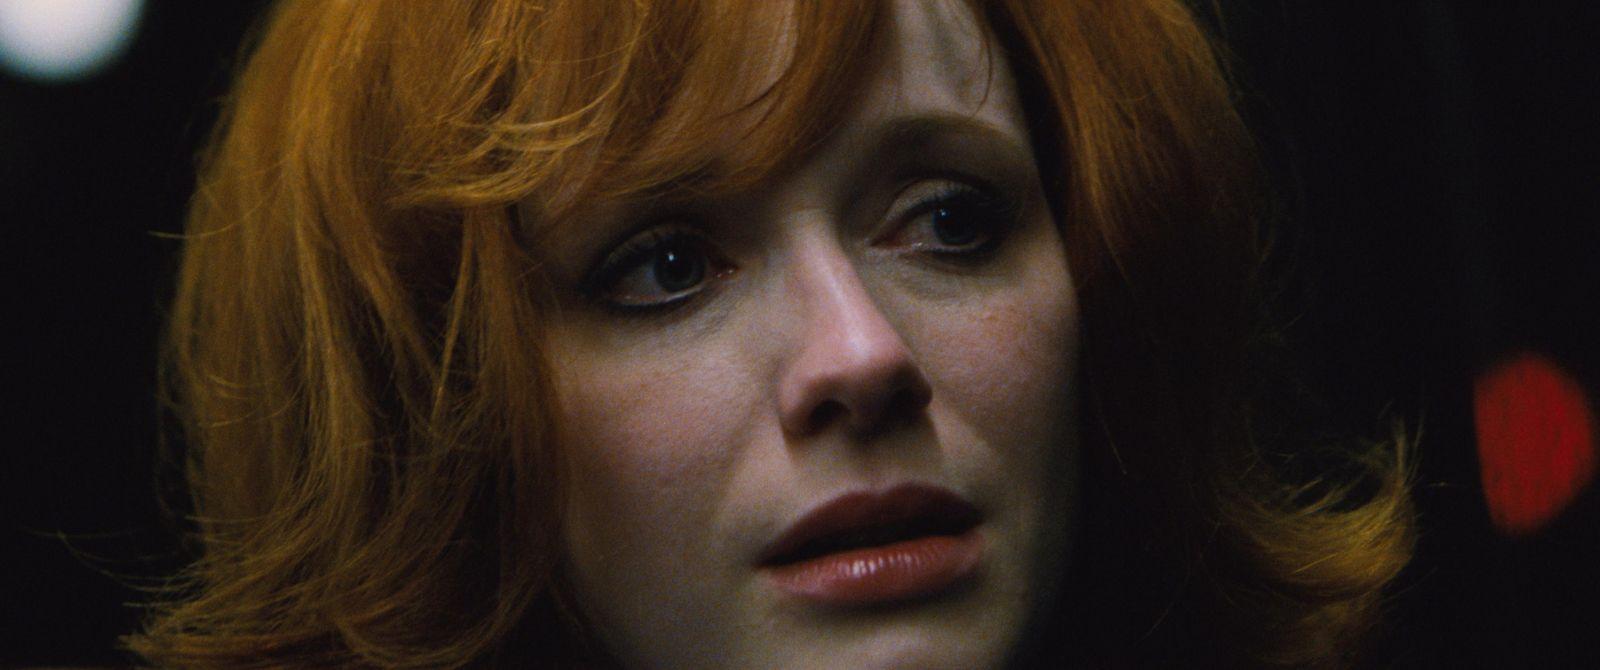 Lost River: Christina Hendricks in una scena